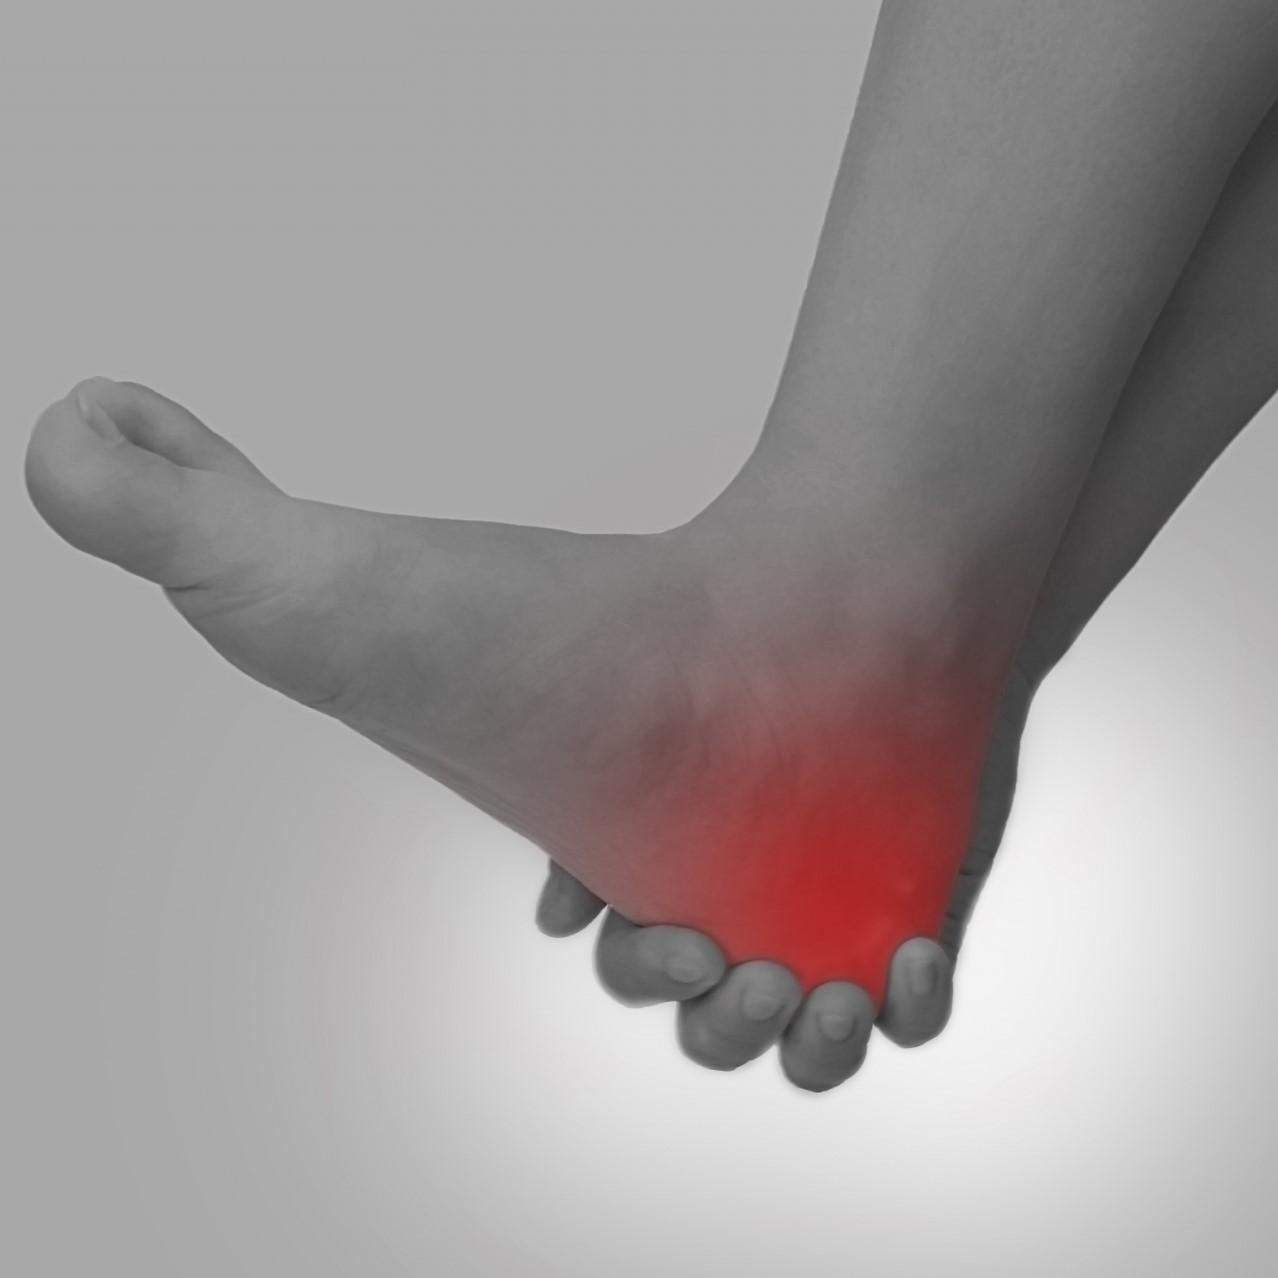 運動中の怪我